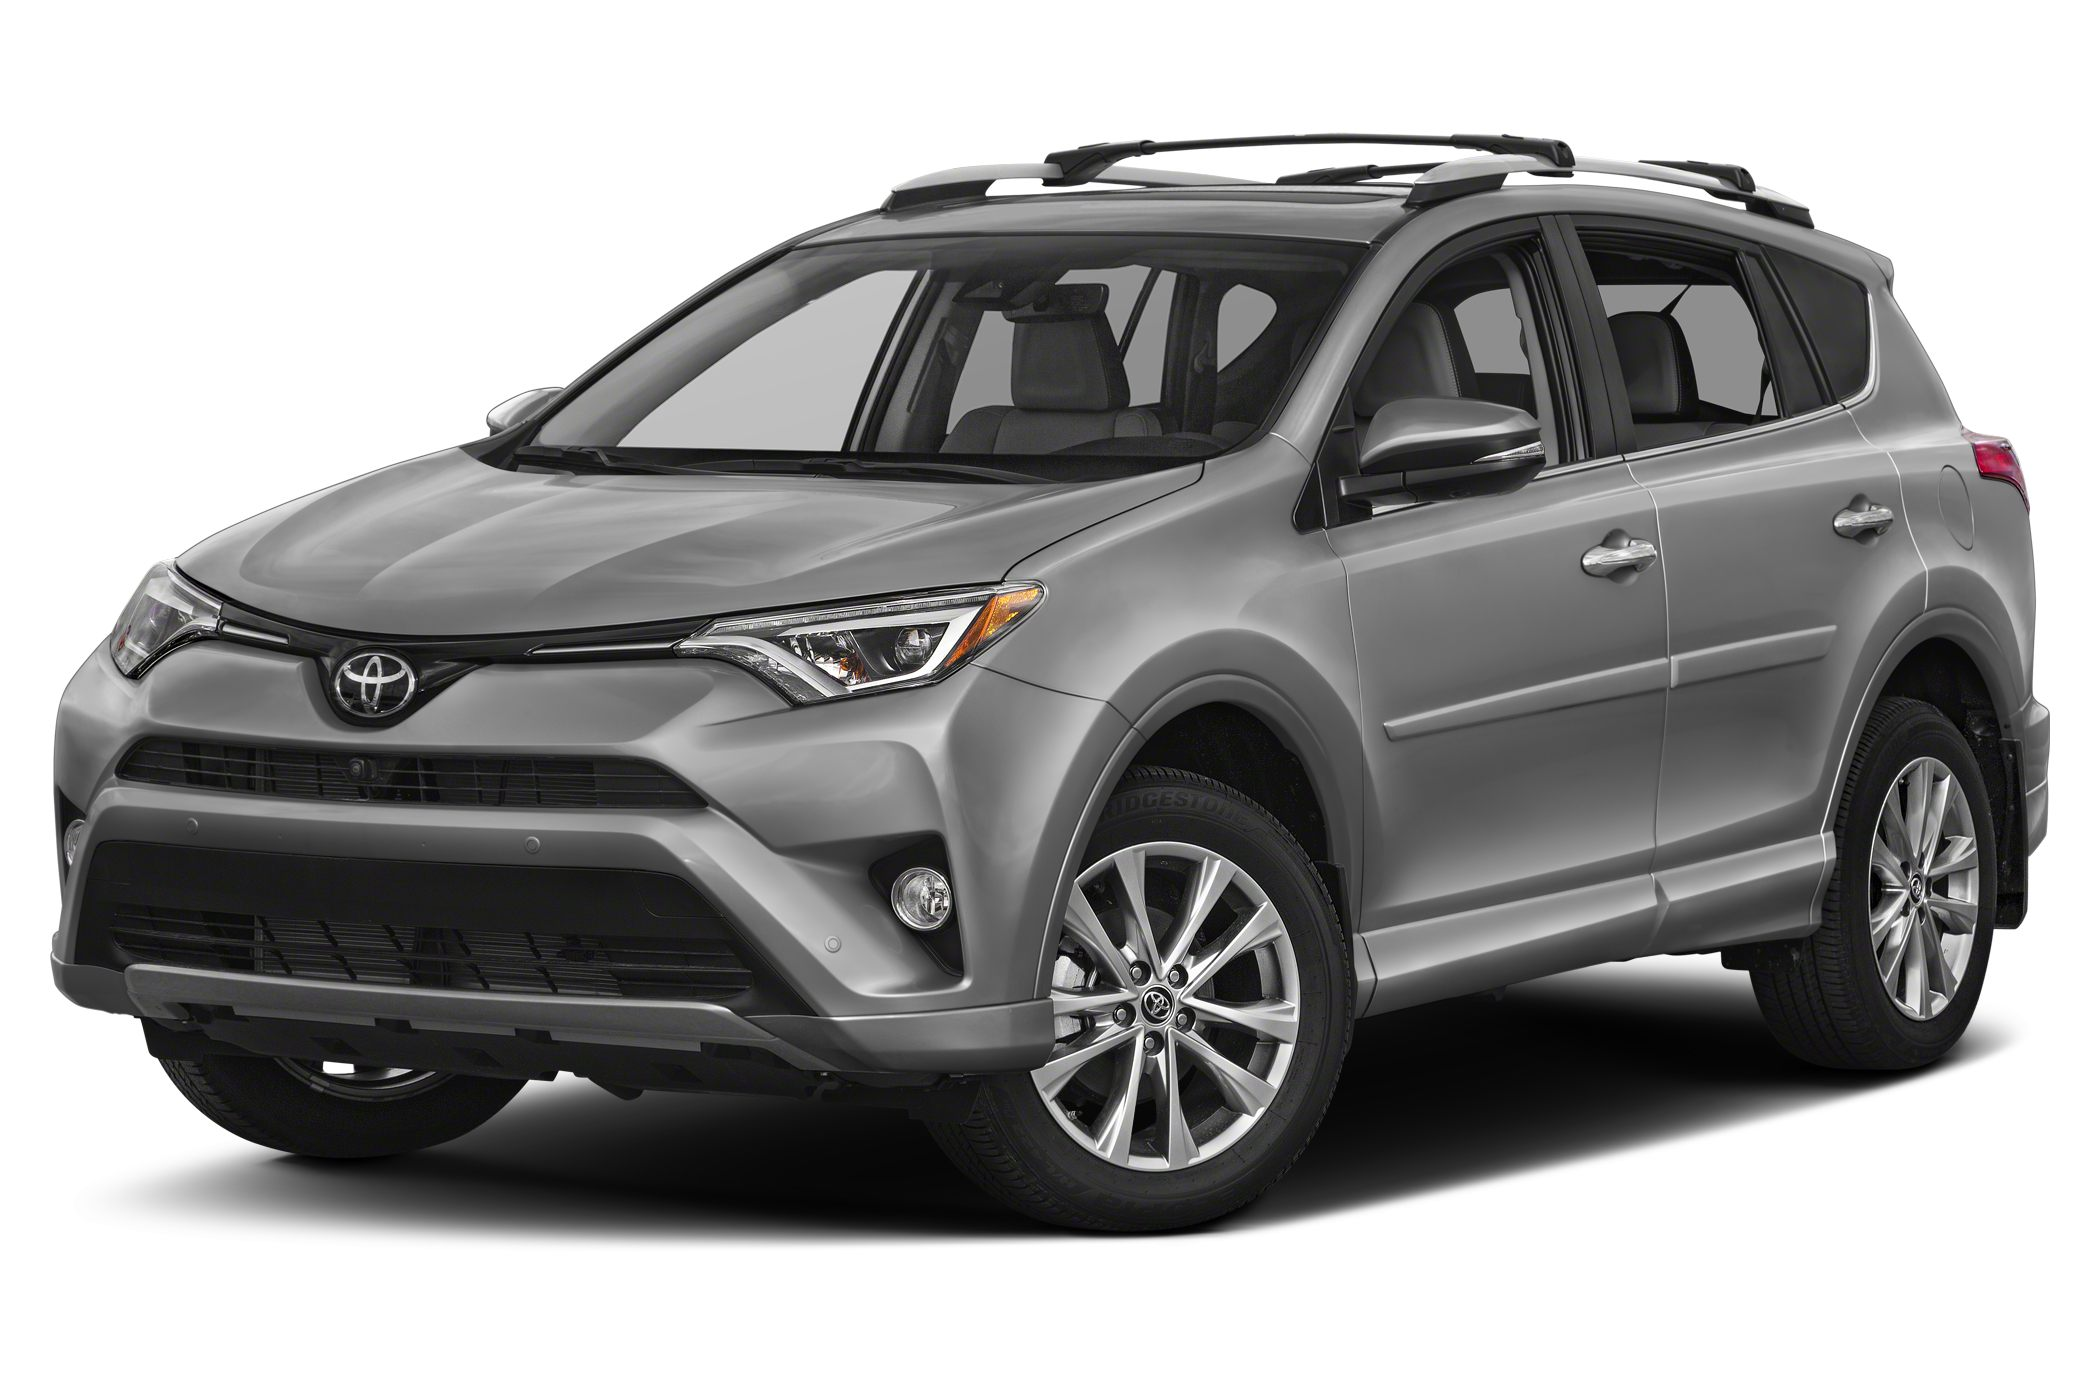 2017 Toyota Rav4 Reviews Specs And Prices Cars Com